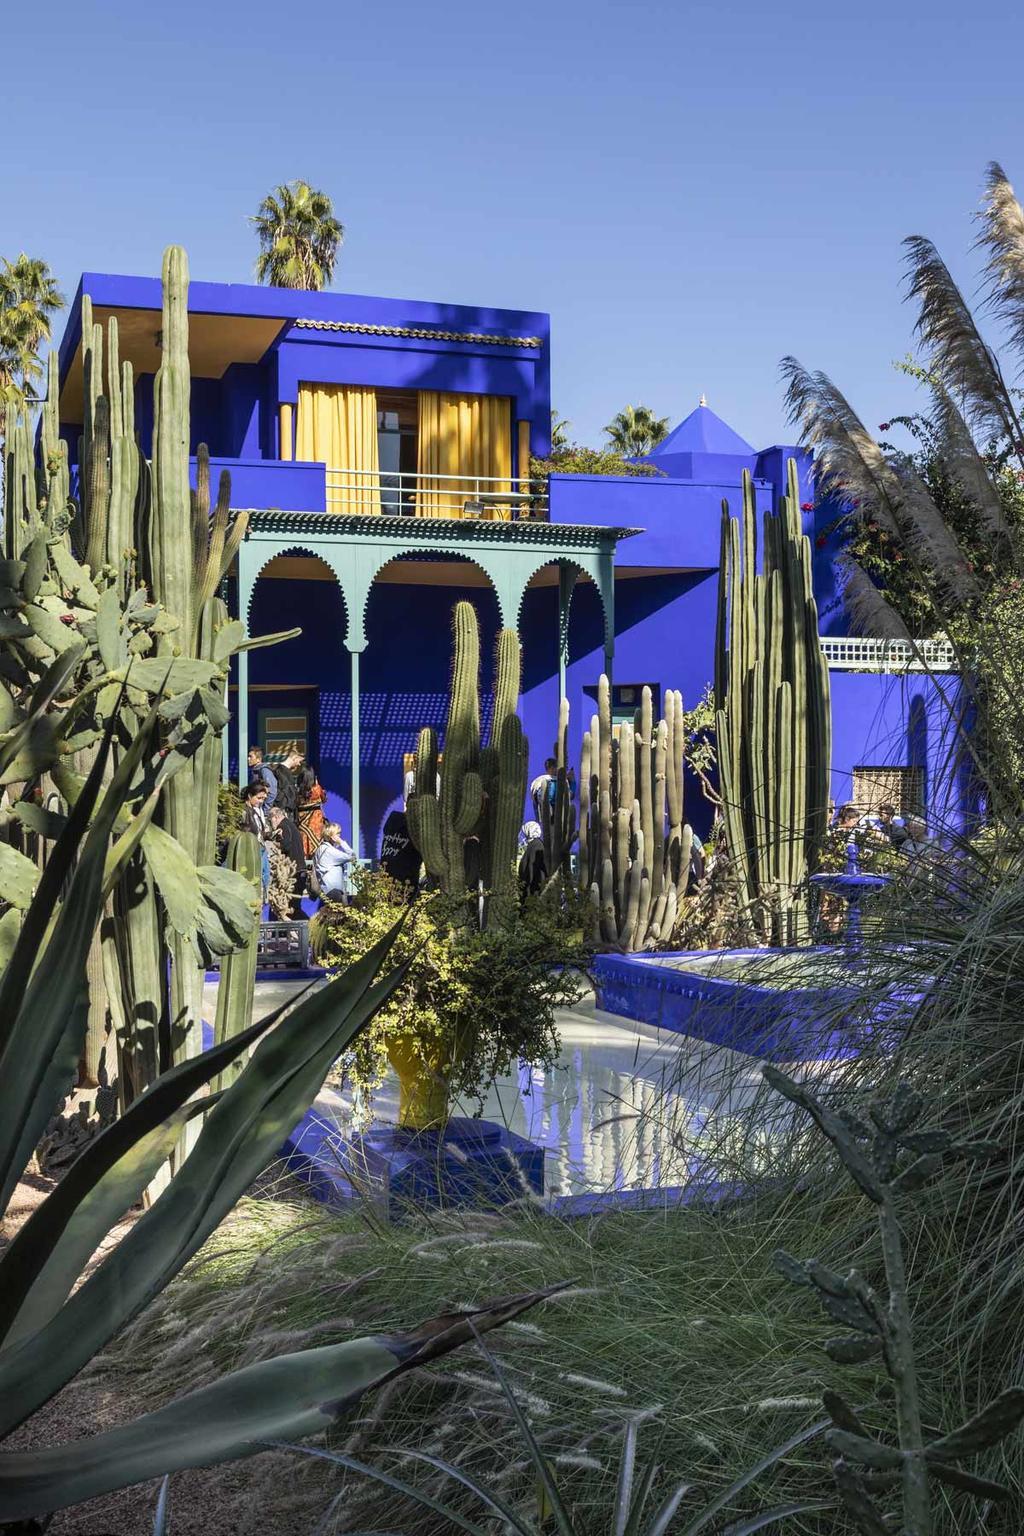 Marrakech vtwonen citytrip blauw huis